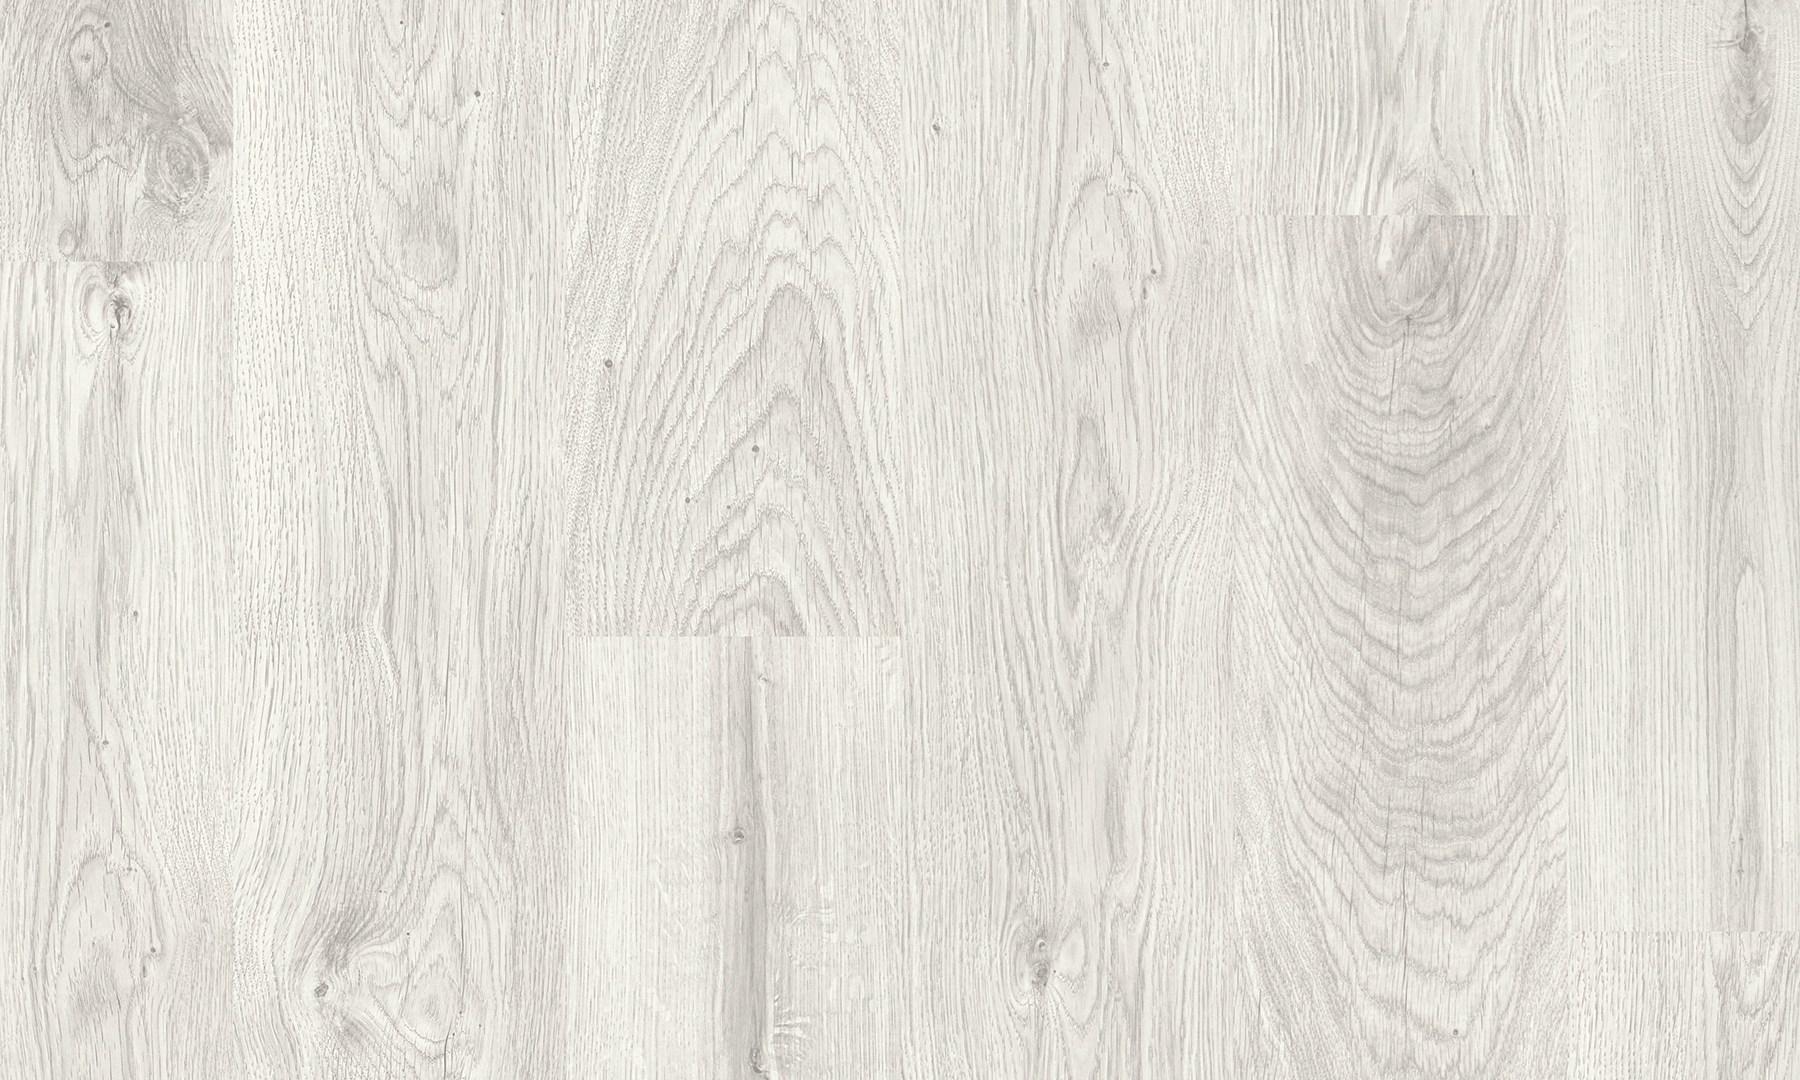 whitened wood